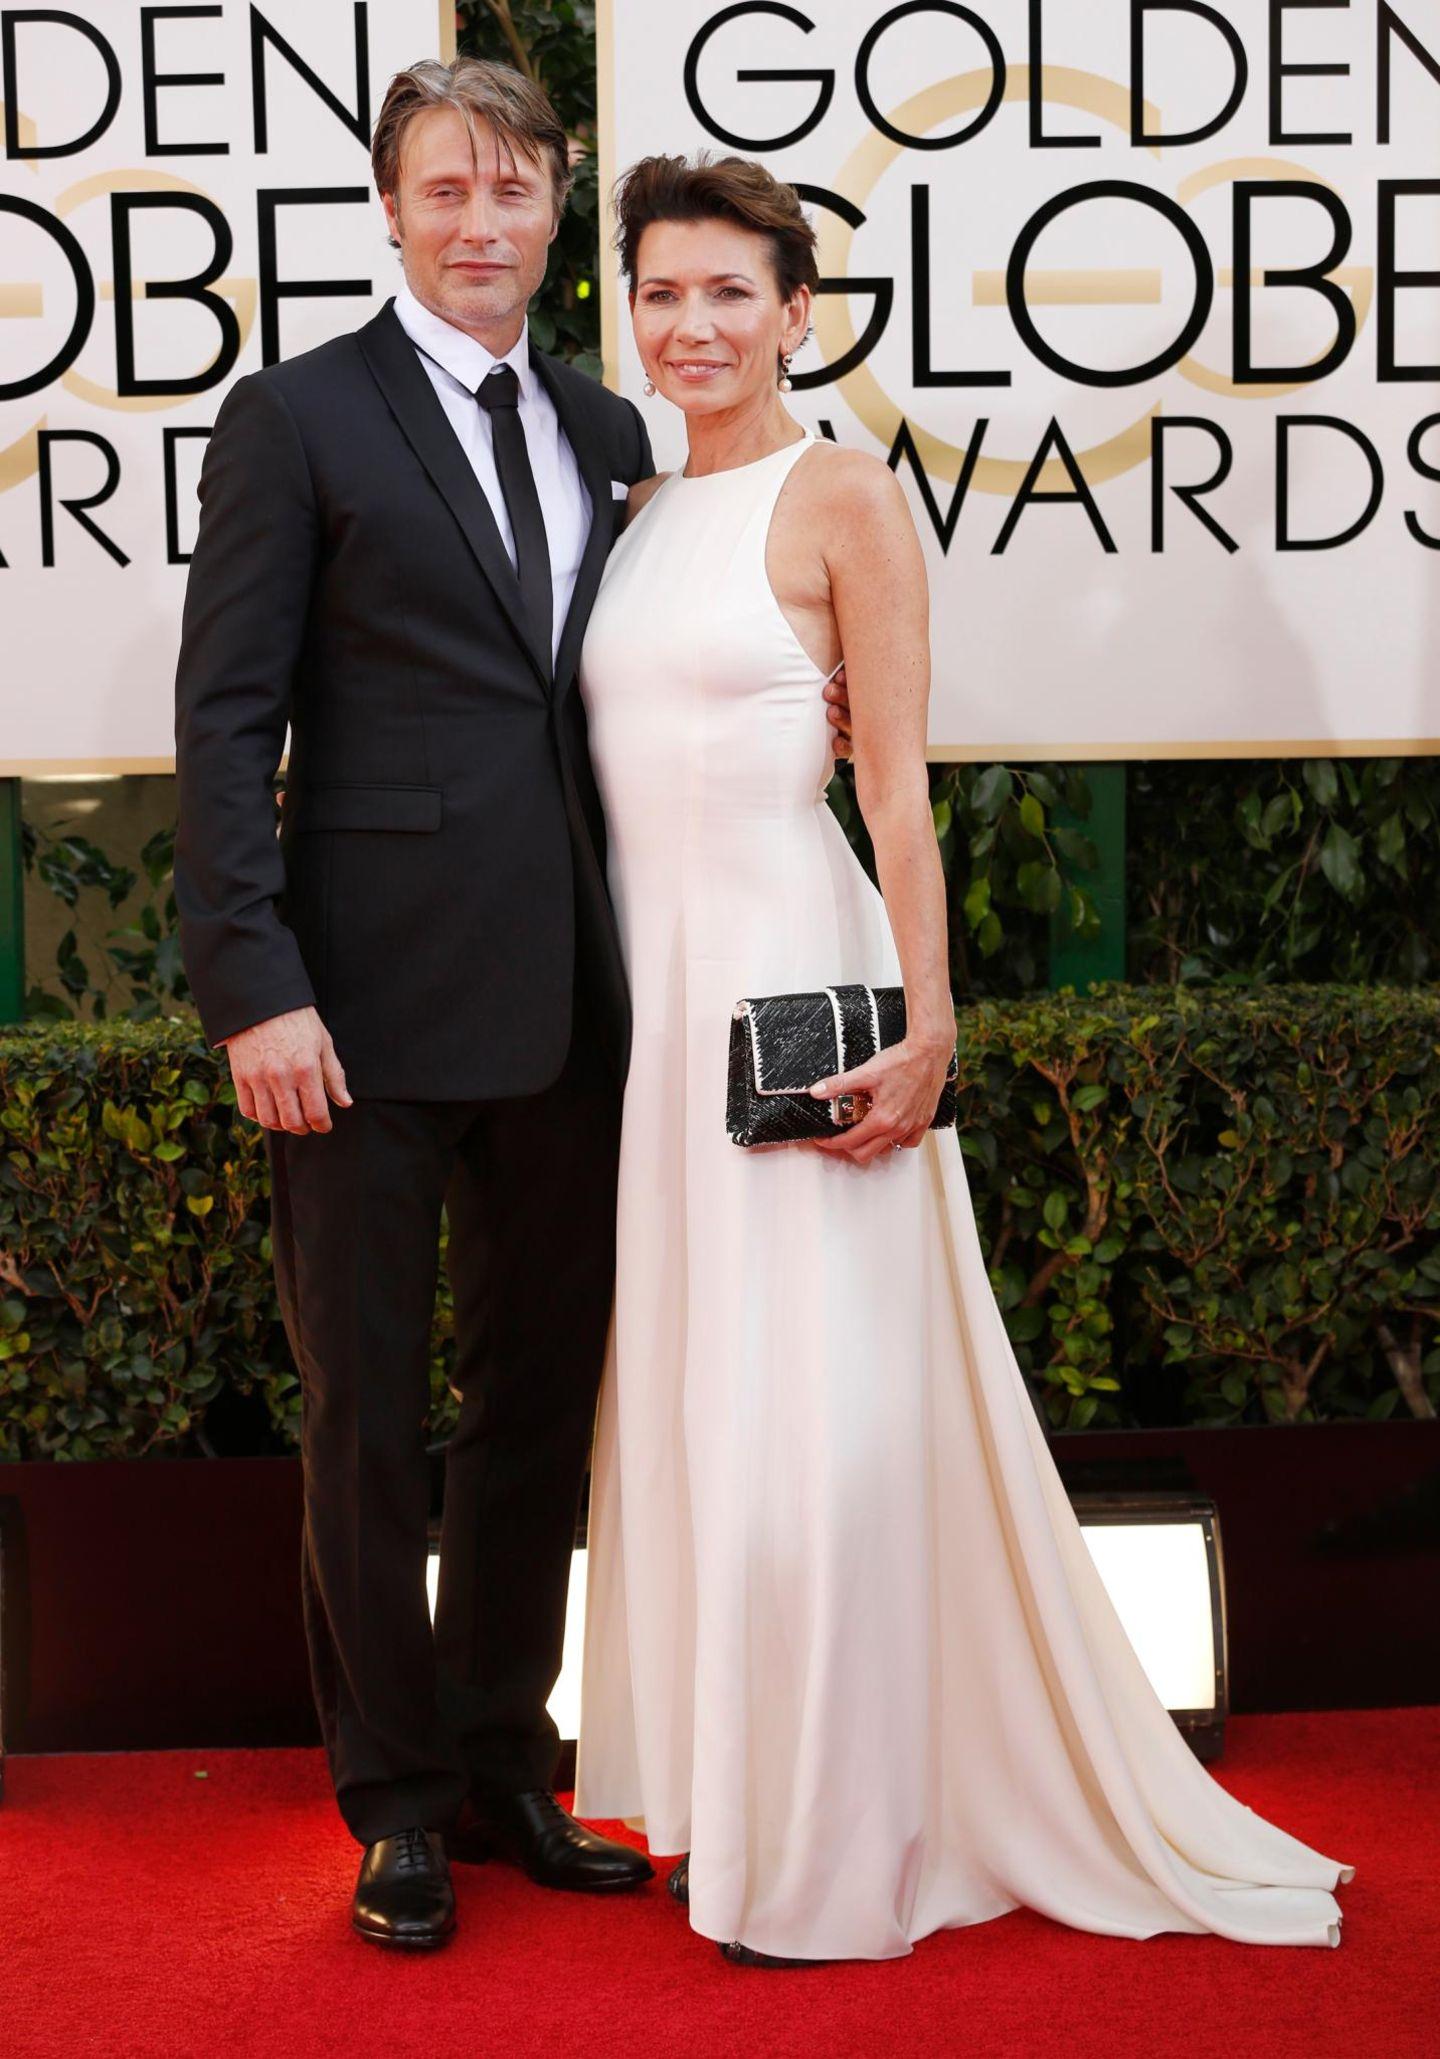 """Mads Mikkelsen, Hauptdarsteller aus der Serie """"Hannibal"""", kommt zusammen mit seiner Frau Hanna zur Verleihung."""